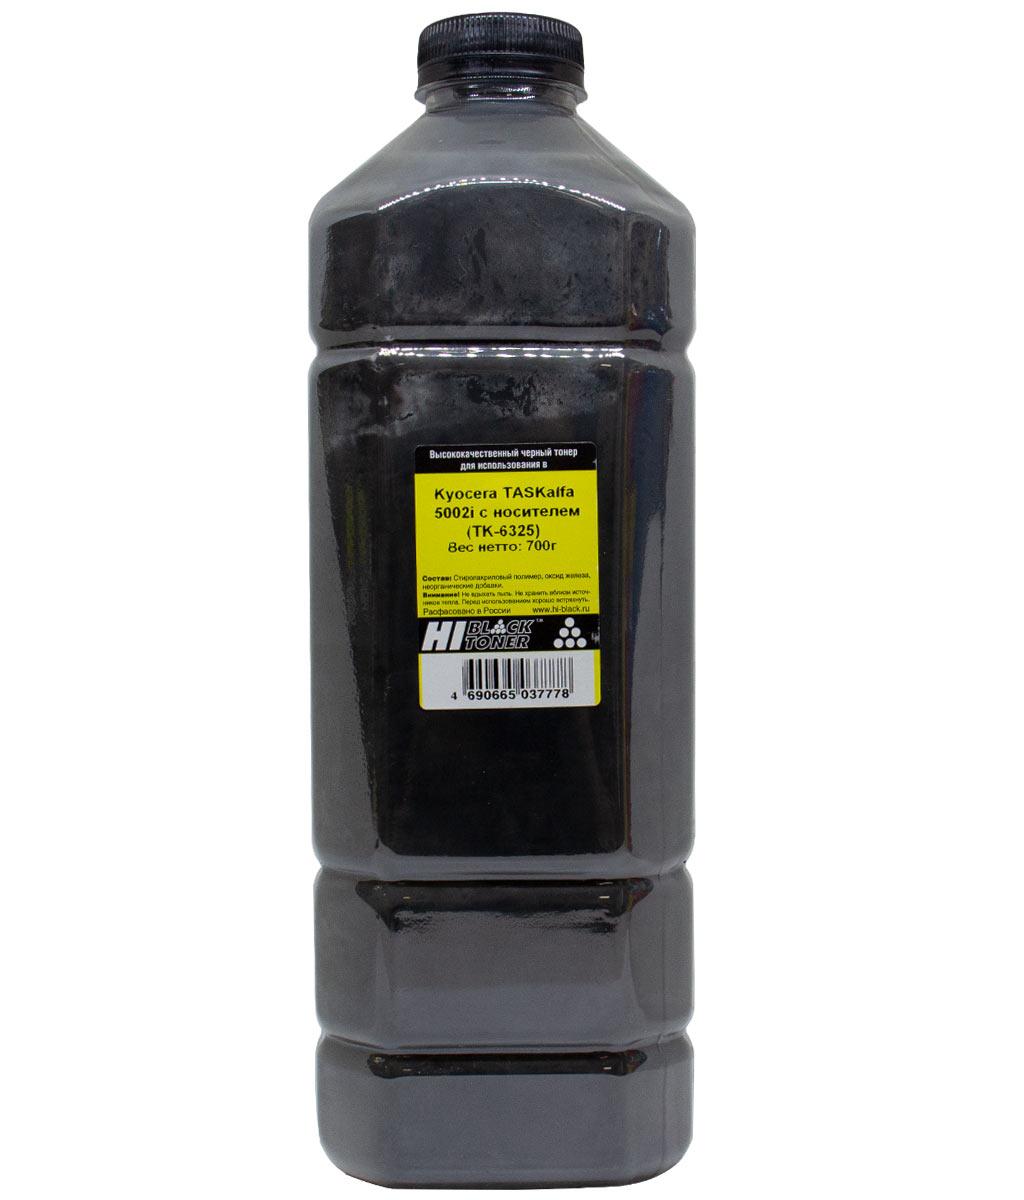 Тонер Hi-Black с носителем для KYOCERA TASKalfa 5002i (TK-6325), 700 г, канистра